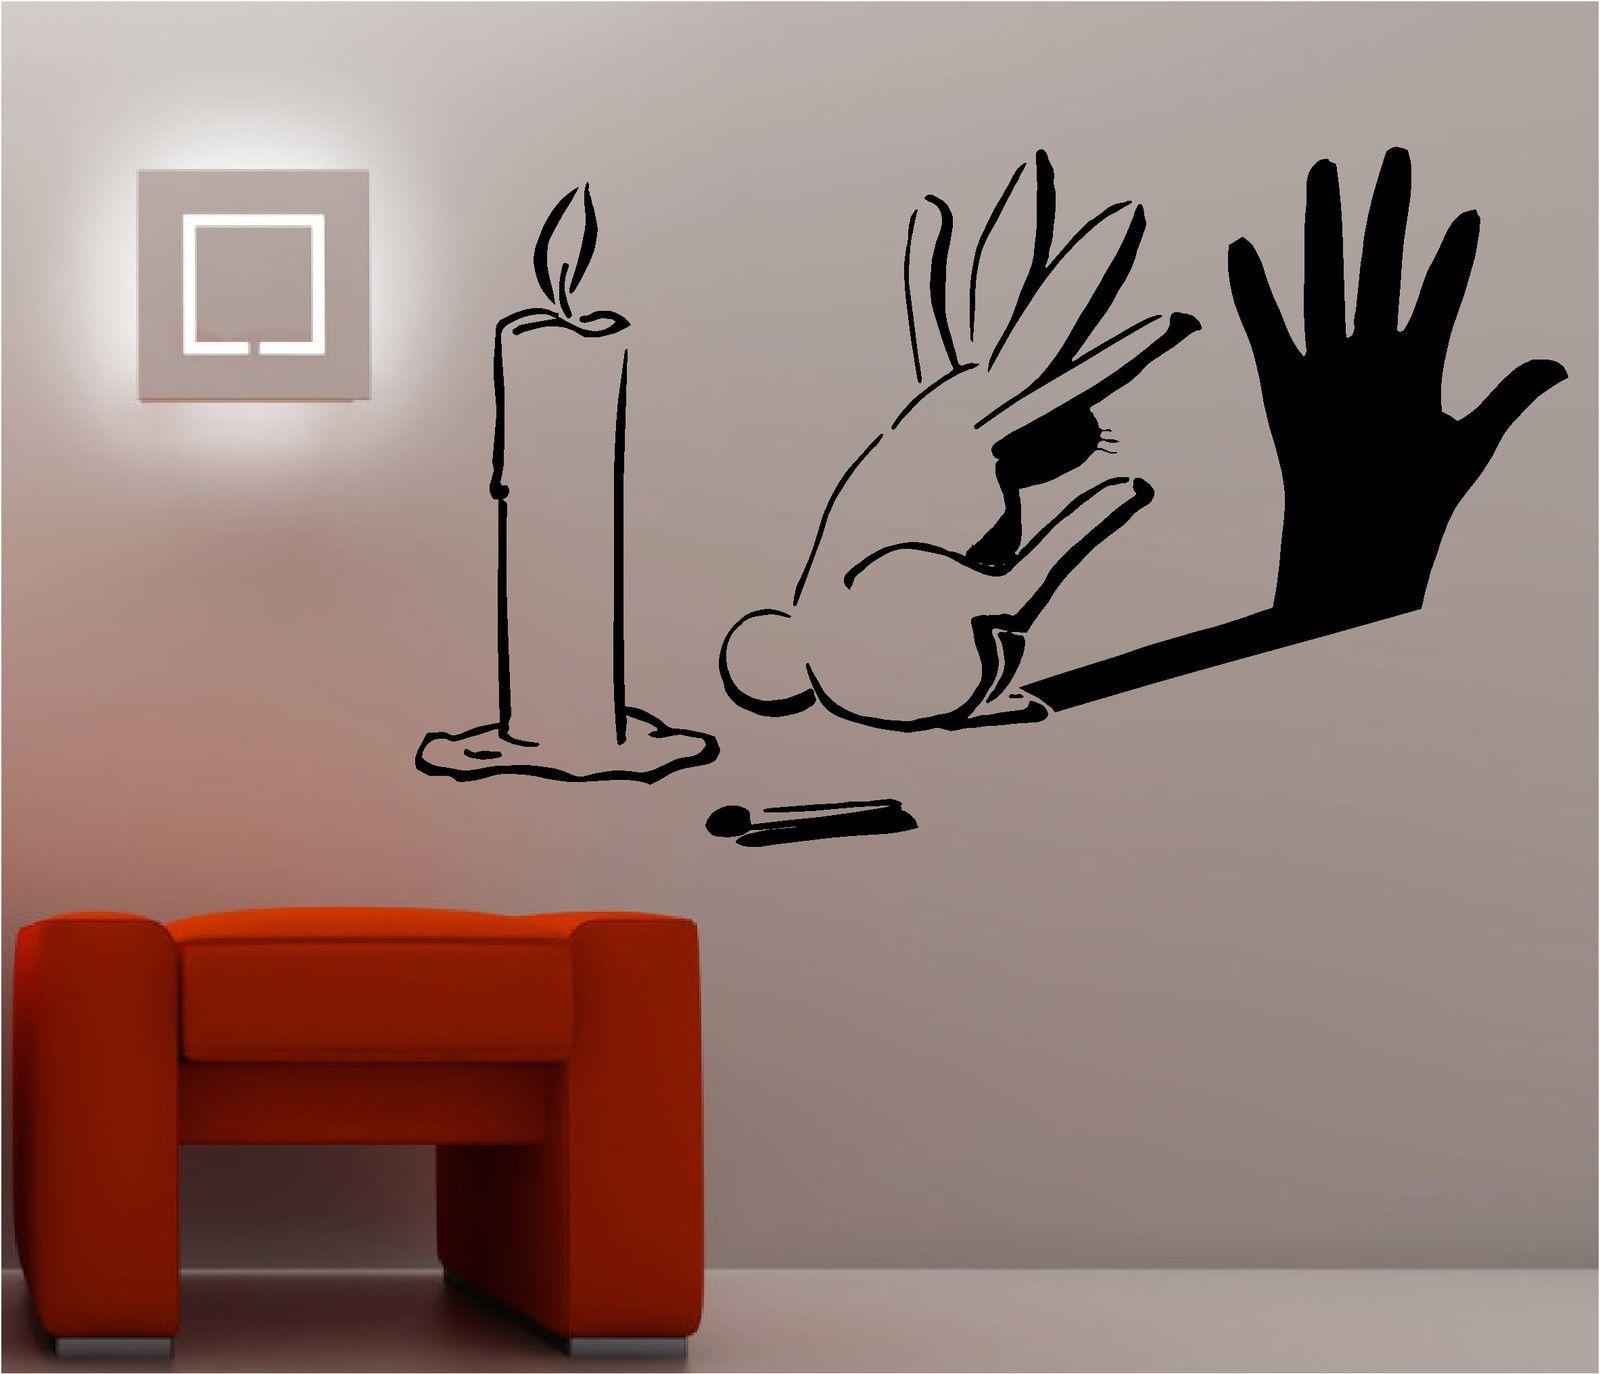 pencil off walls - HD2366×2033